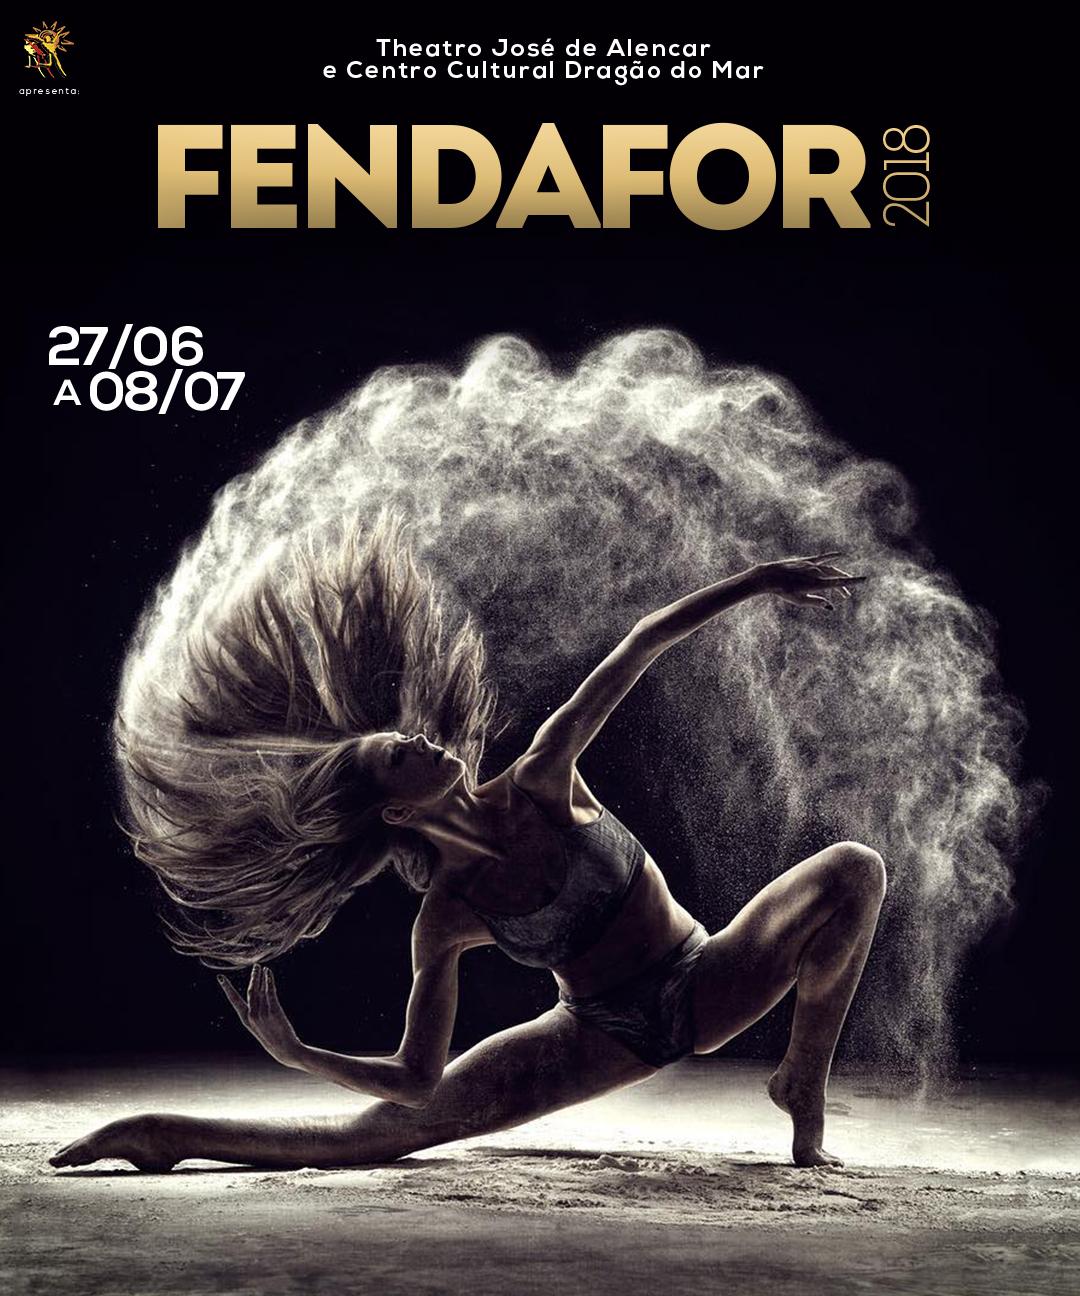 FENDAFOR 2018